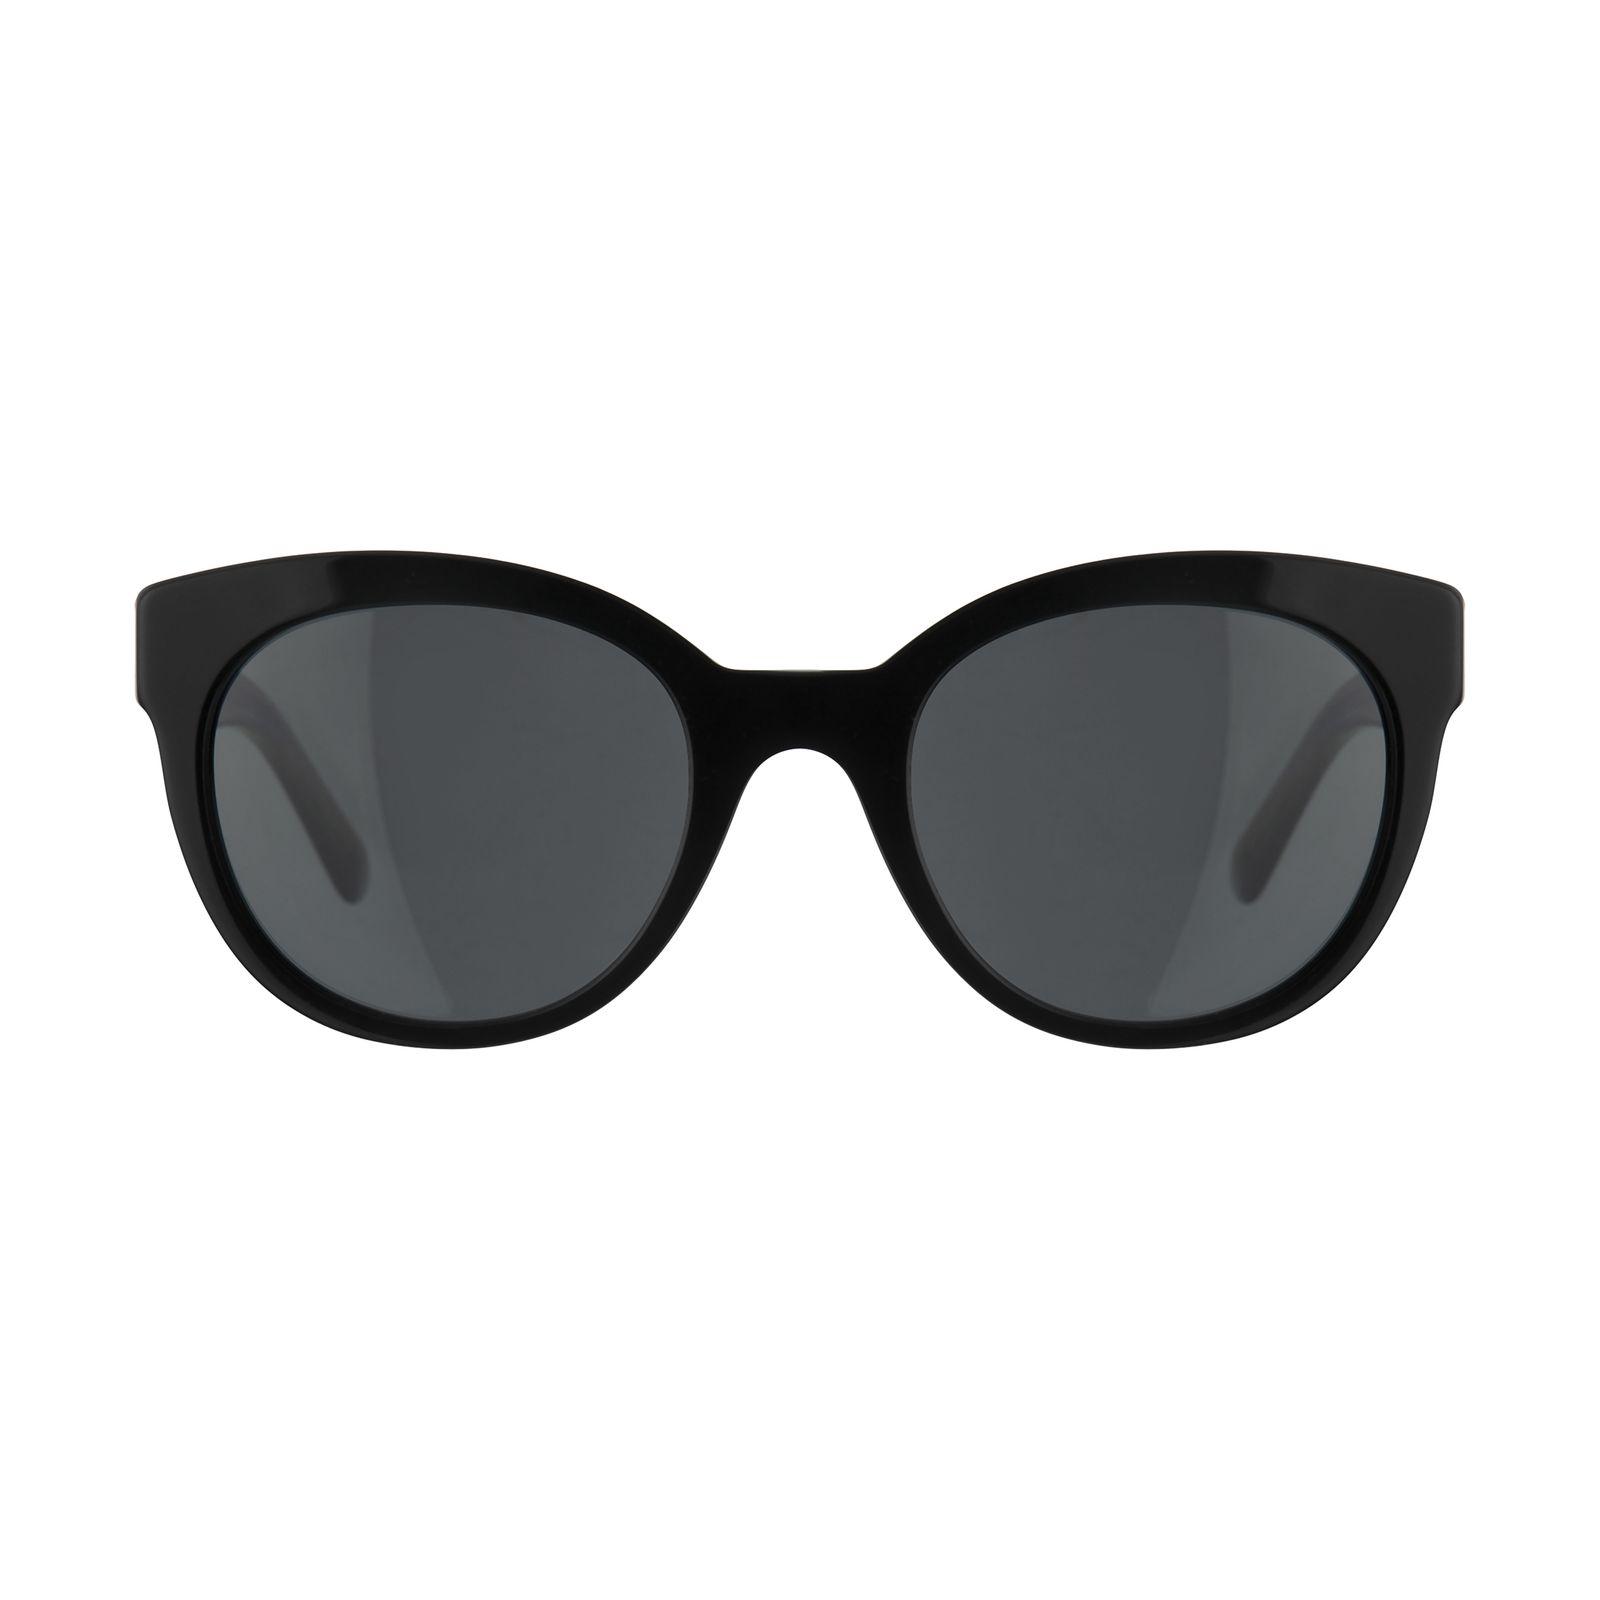 عینک آفتابی مردانه بربری مدل BE 4210S 300187 52 -  - 2